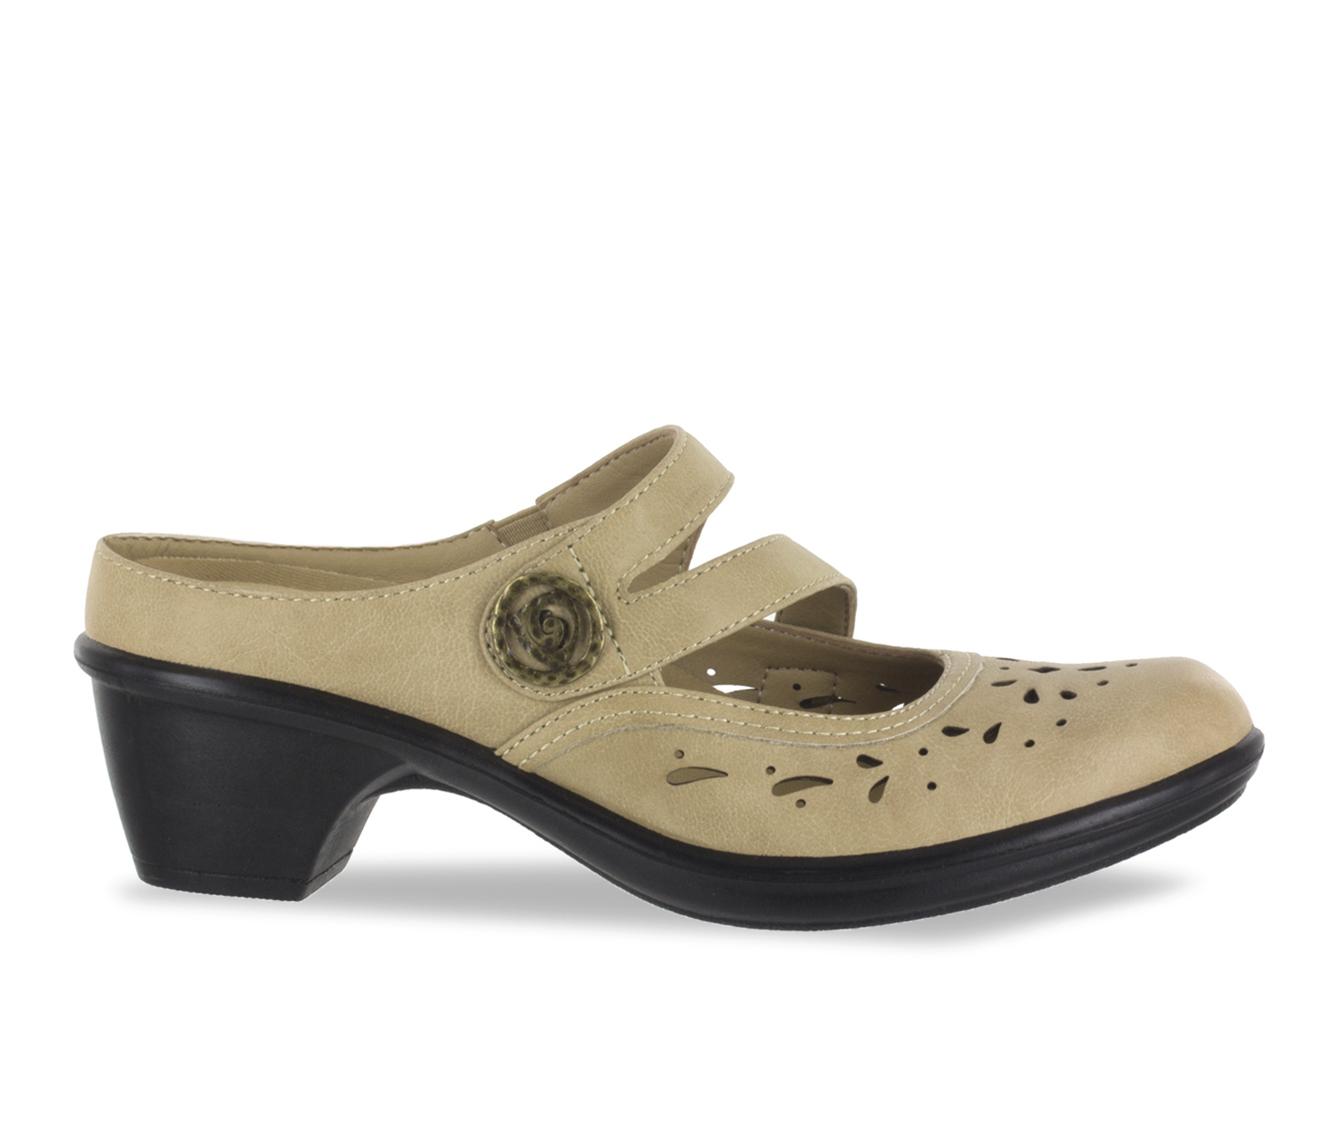 Easy Street Columbus Women's Shoe (Beige Faux Leather)